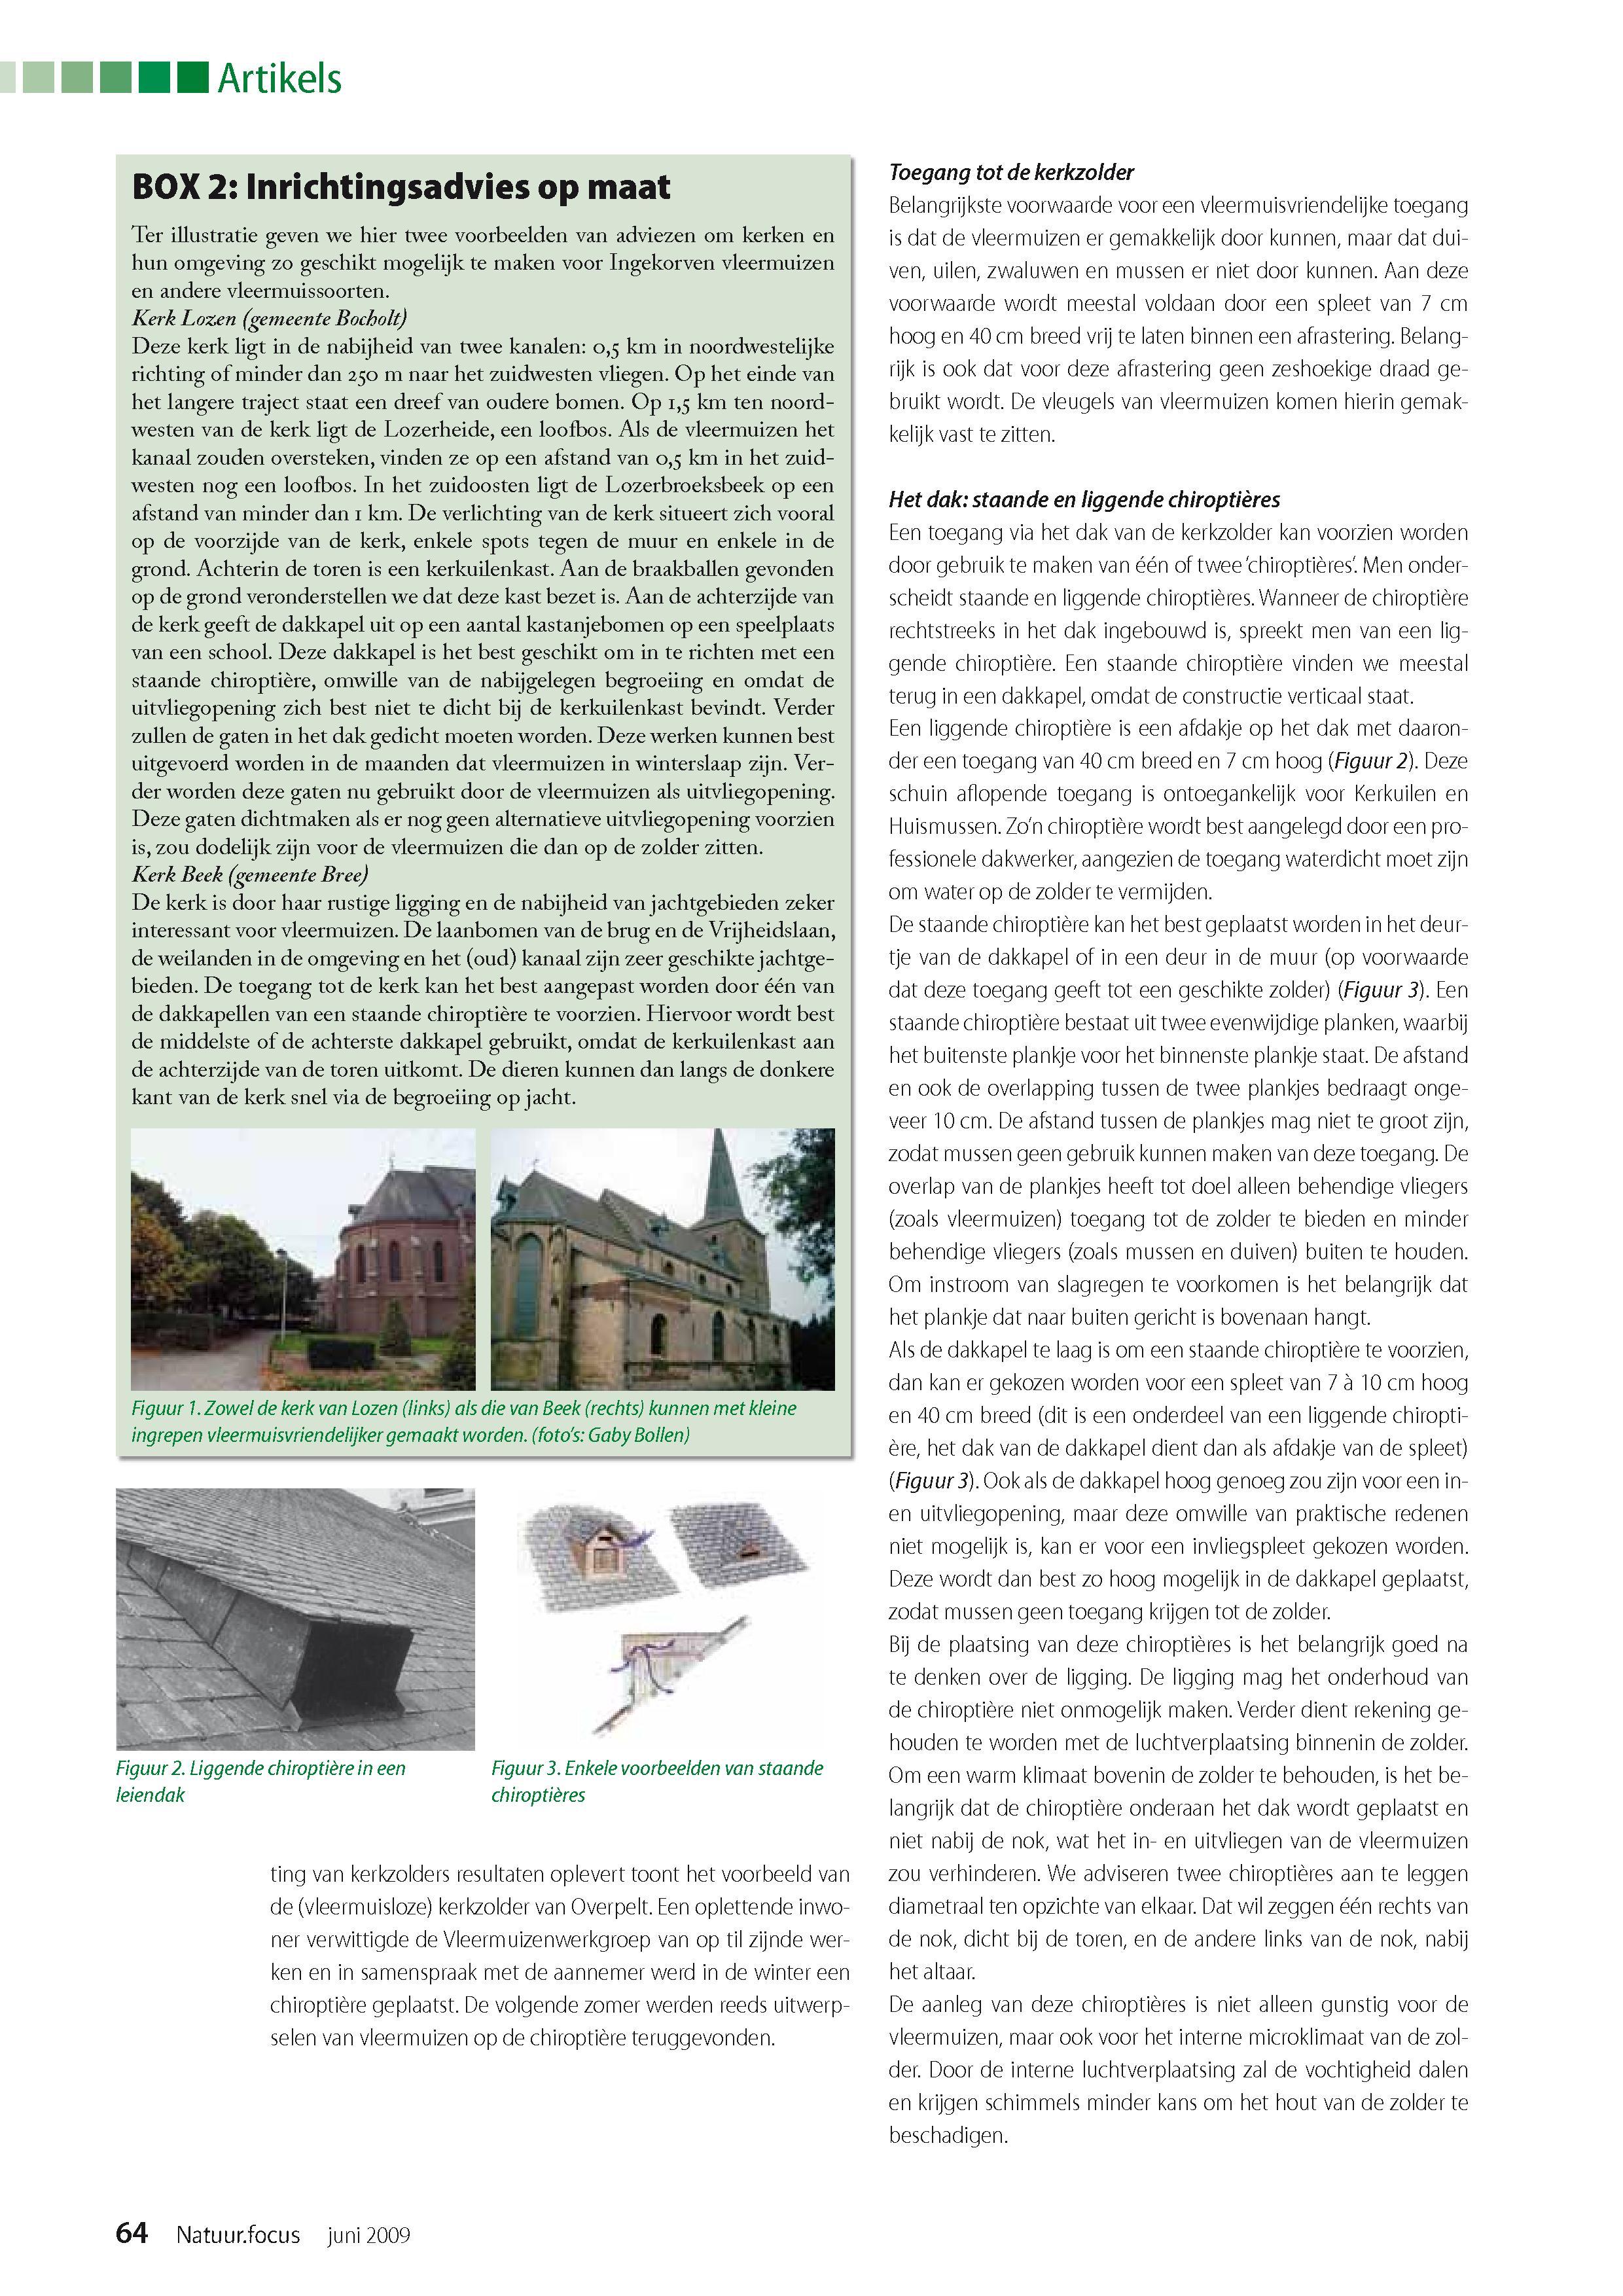 inrichten van kerkzolders voor de ingekorven vleermuis